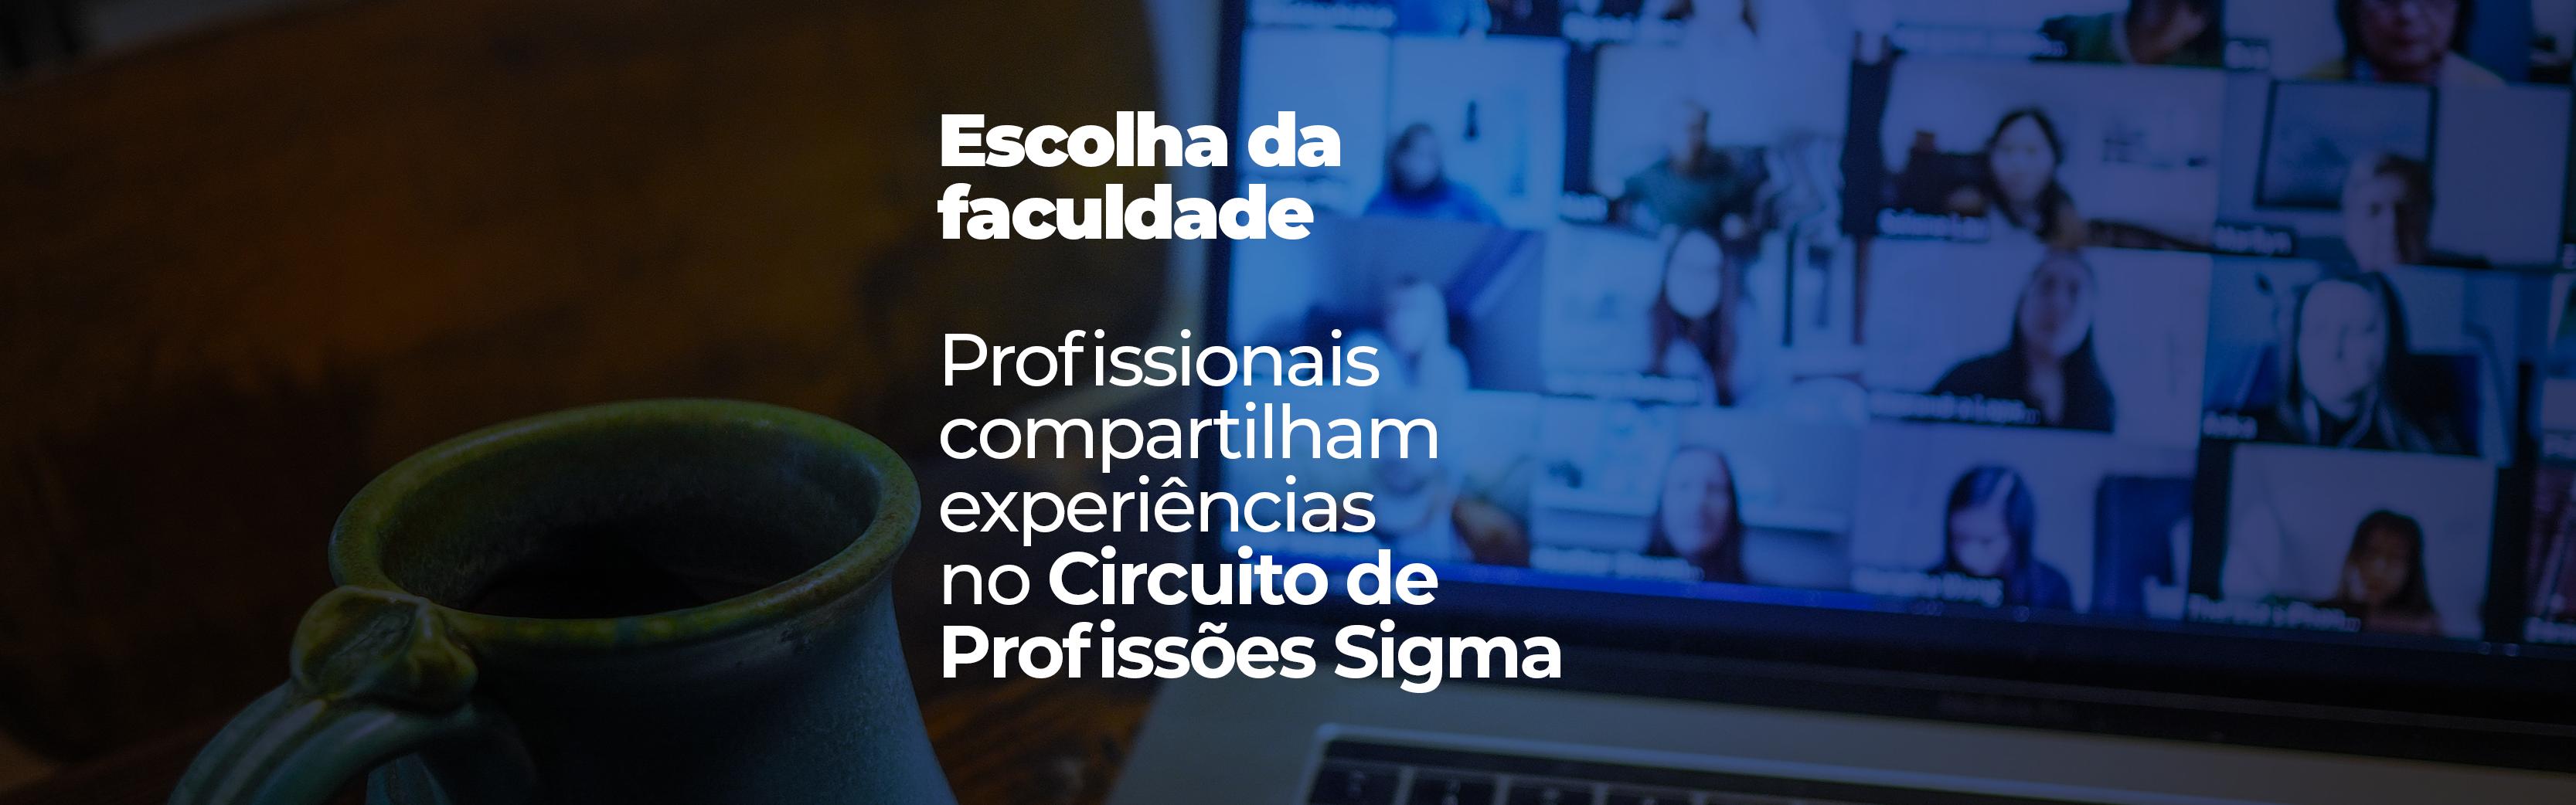 Escolha da faculdade: profissionais compartilham experiências no Circuito de Profissões Sigma